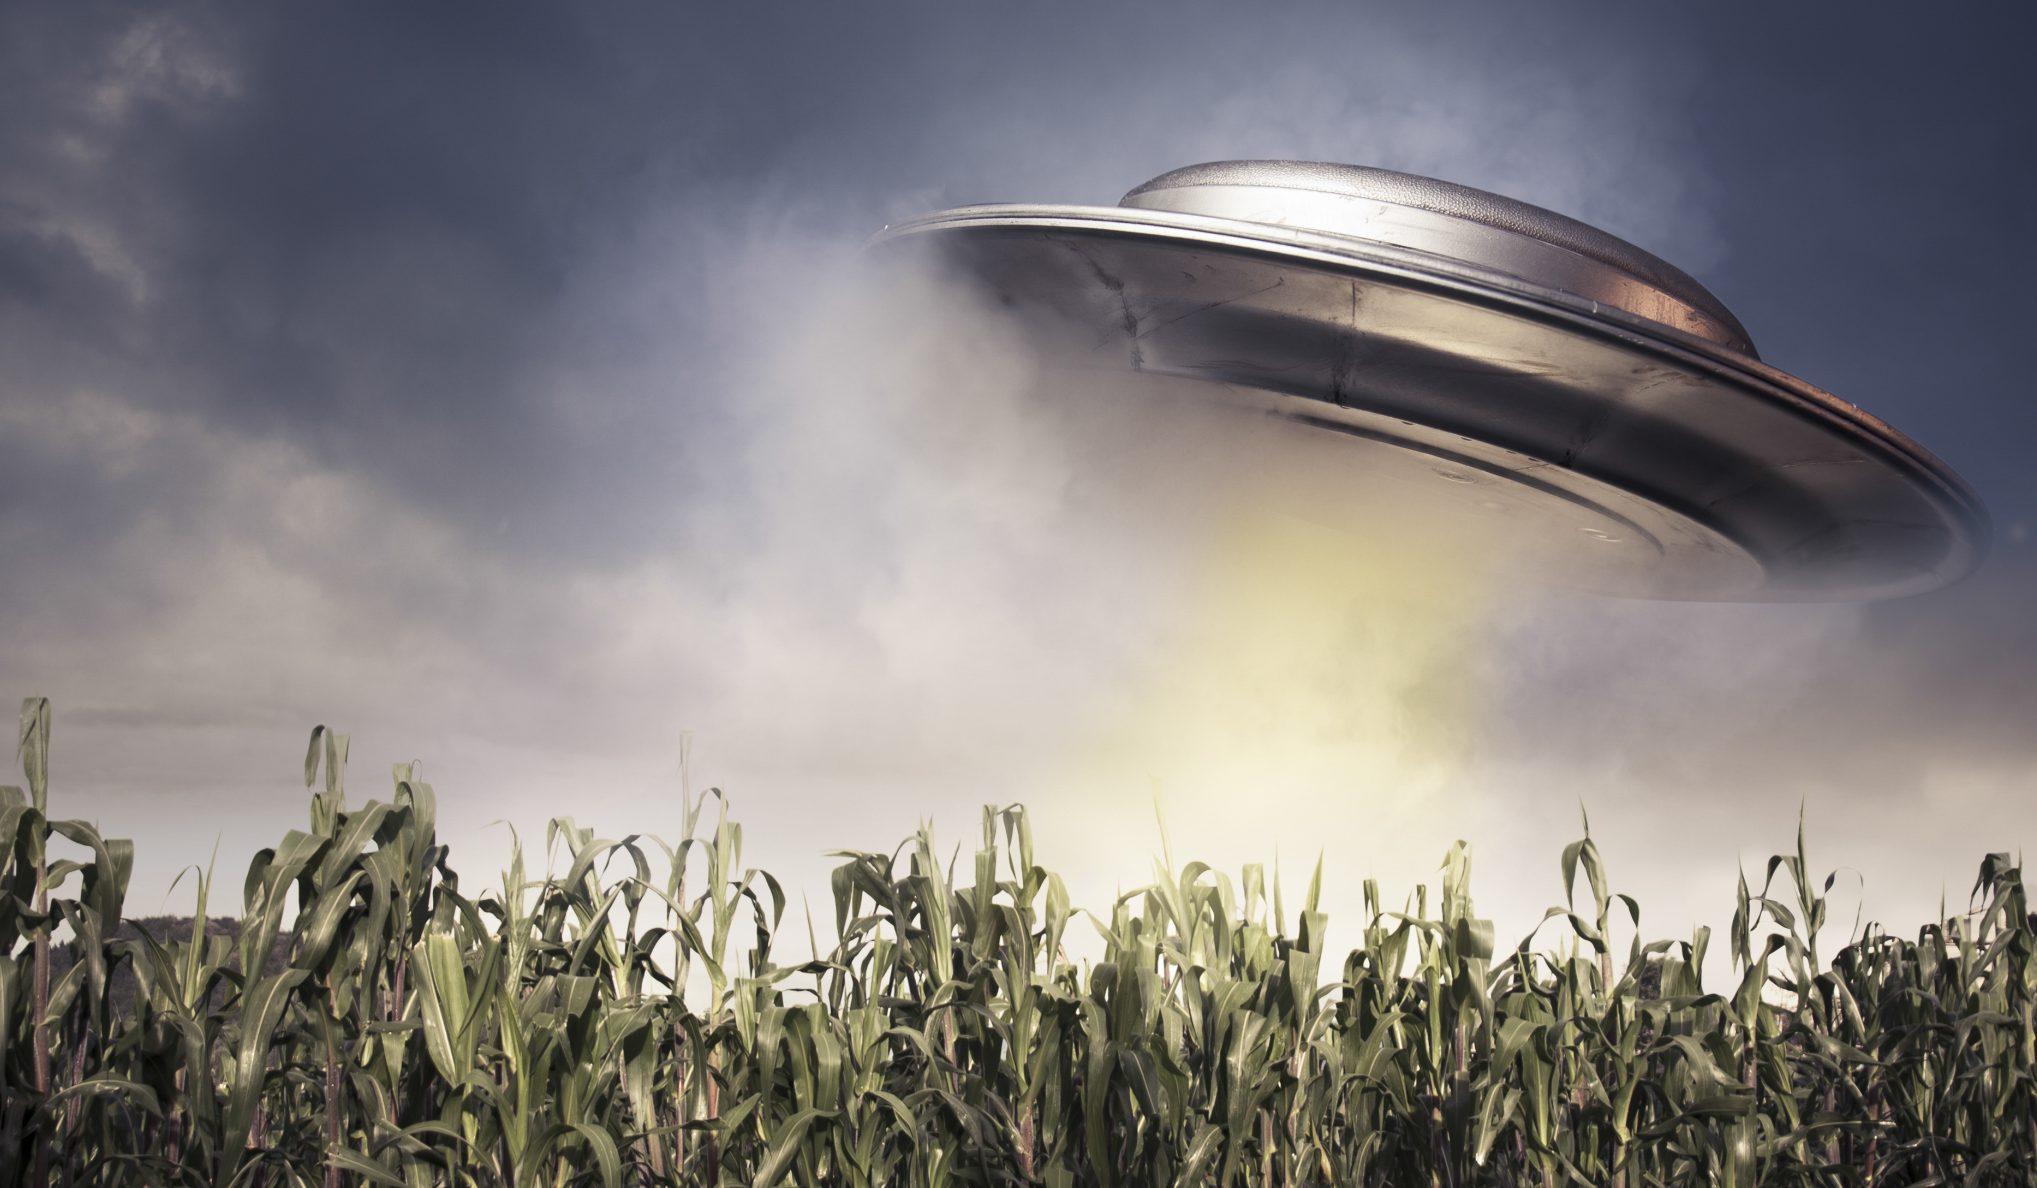 庄稼与ufo飞行器高清图片